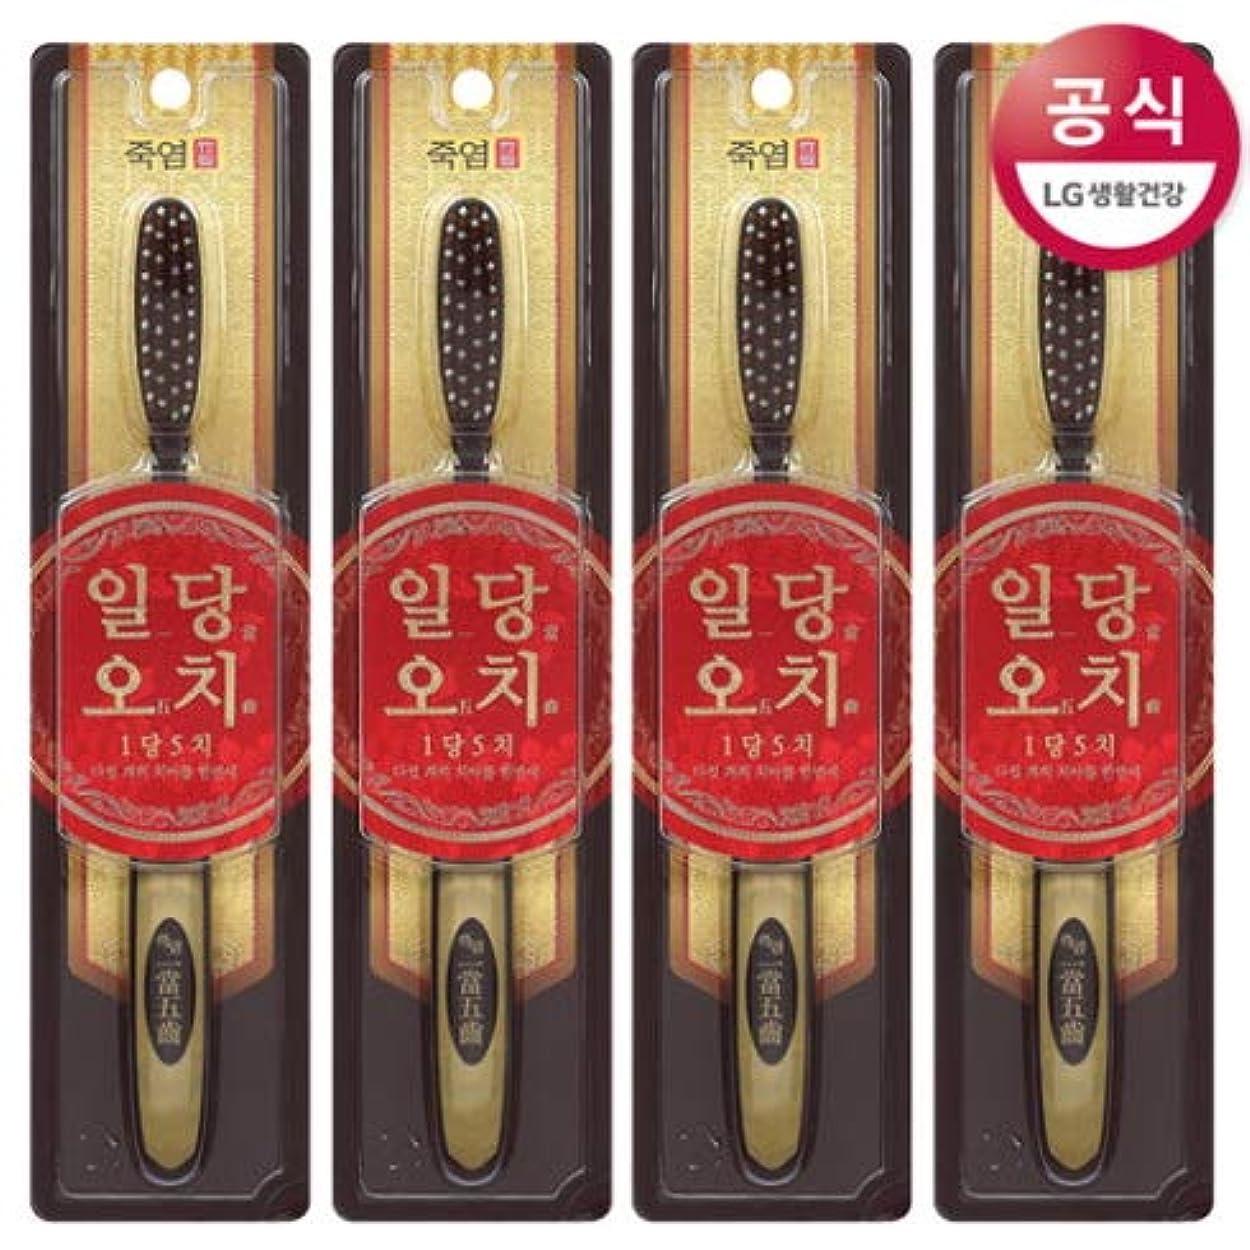 アルミニウム非常にマイクロプロセッサ[LG HnB] Bamboo Salt Oodi toothbrush/竹塩日当越智歯ブラシ 5つの(海外直送品)